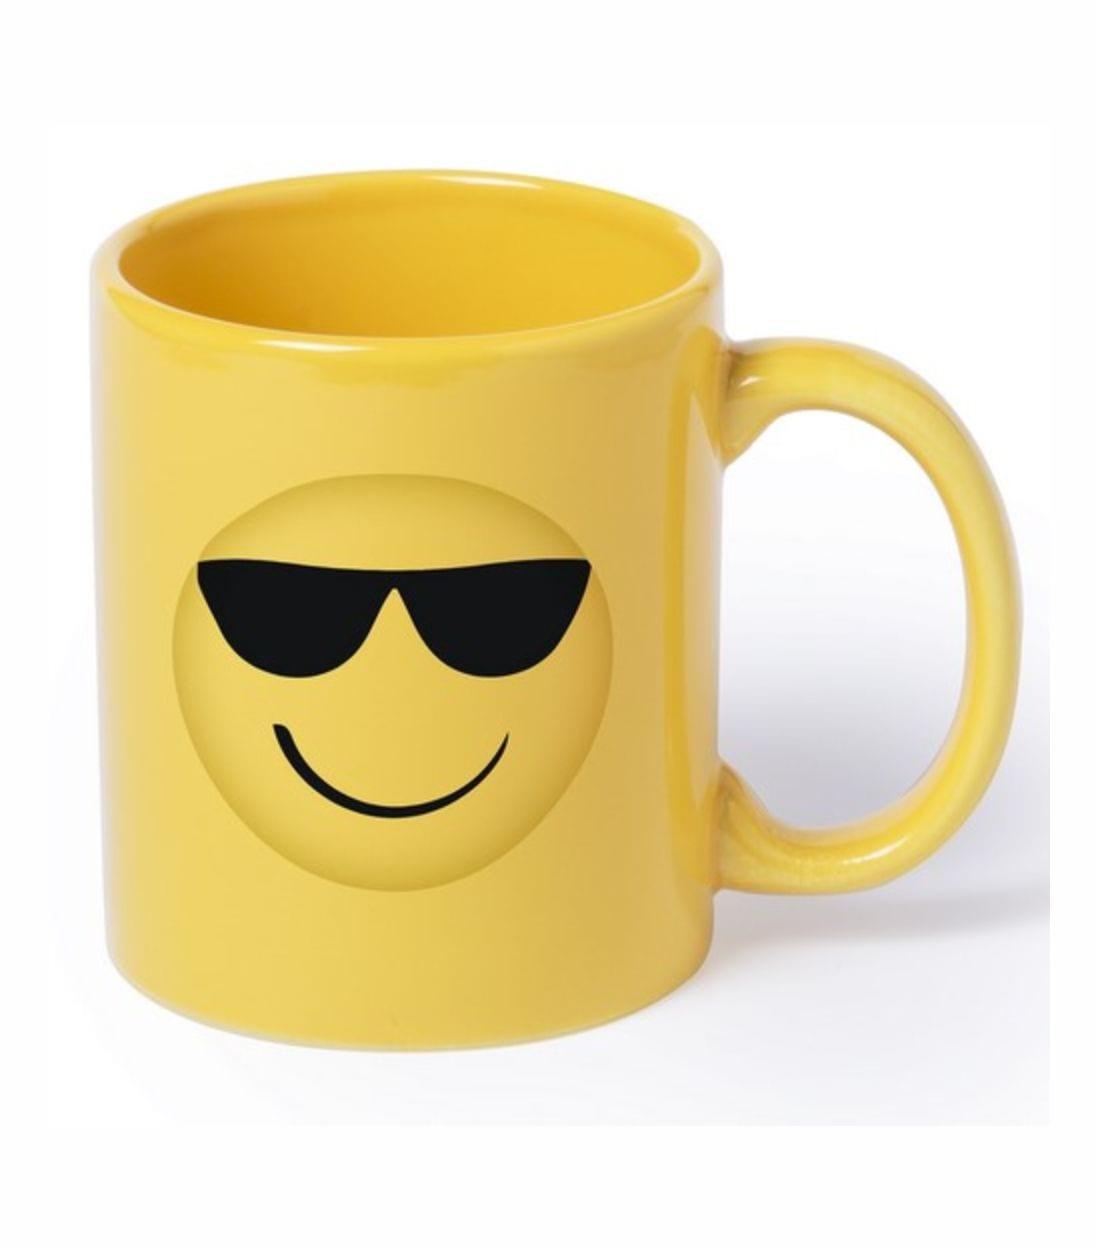 Mug Emoticono. Regalos Promocionales. Marketing Directo. Regalo de Empresa. Promociones para Ferias y Eventos